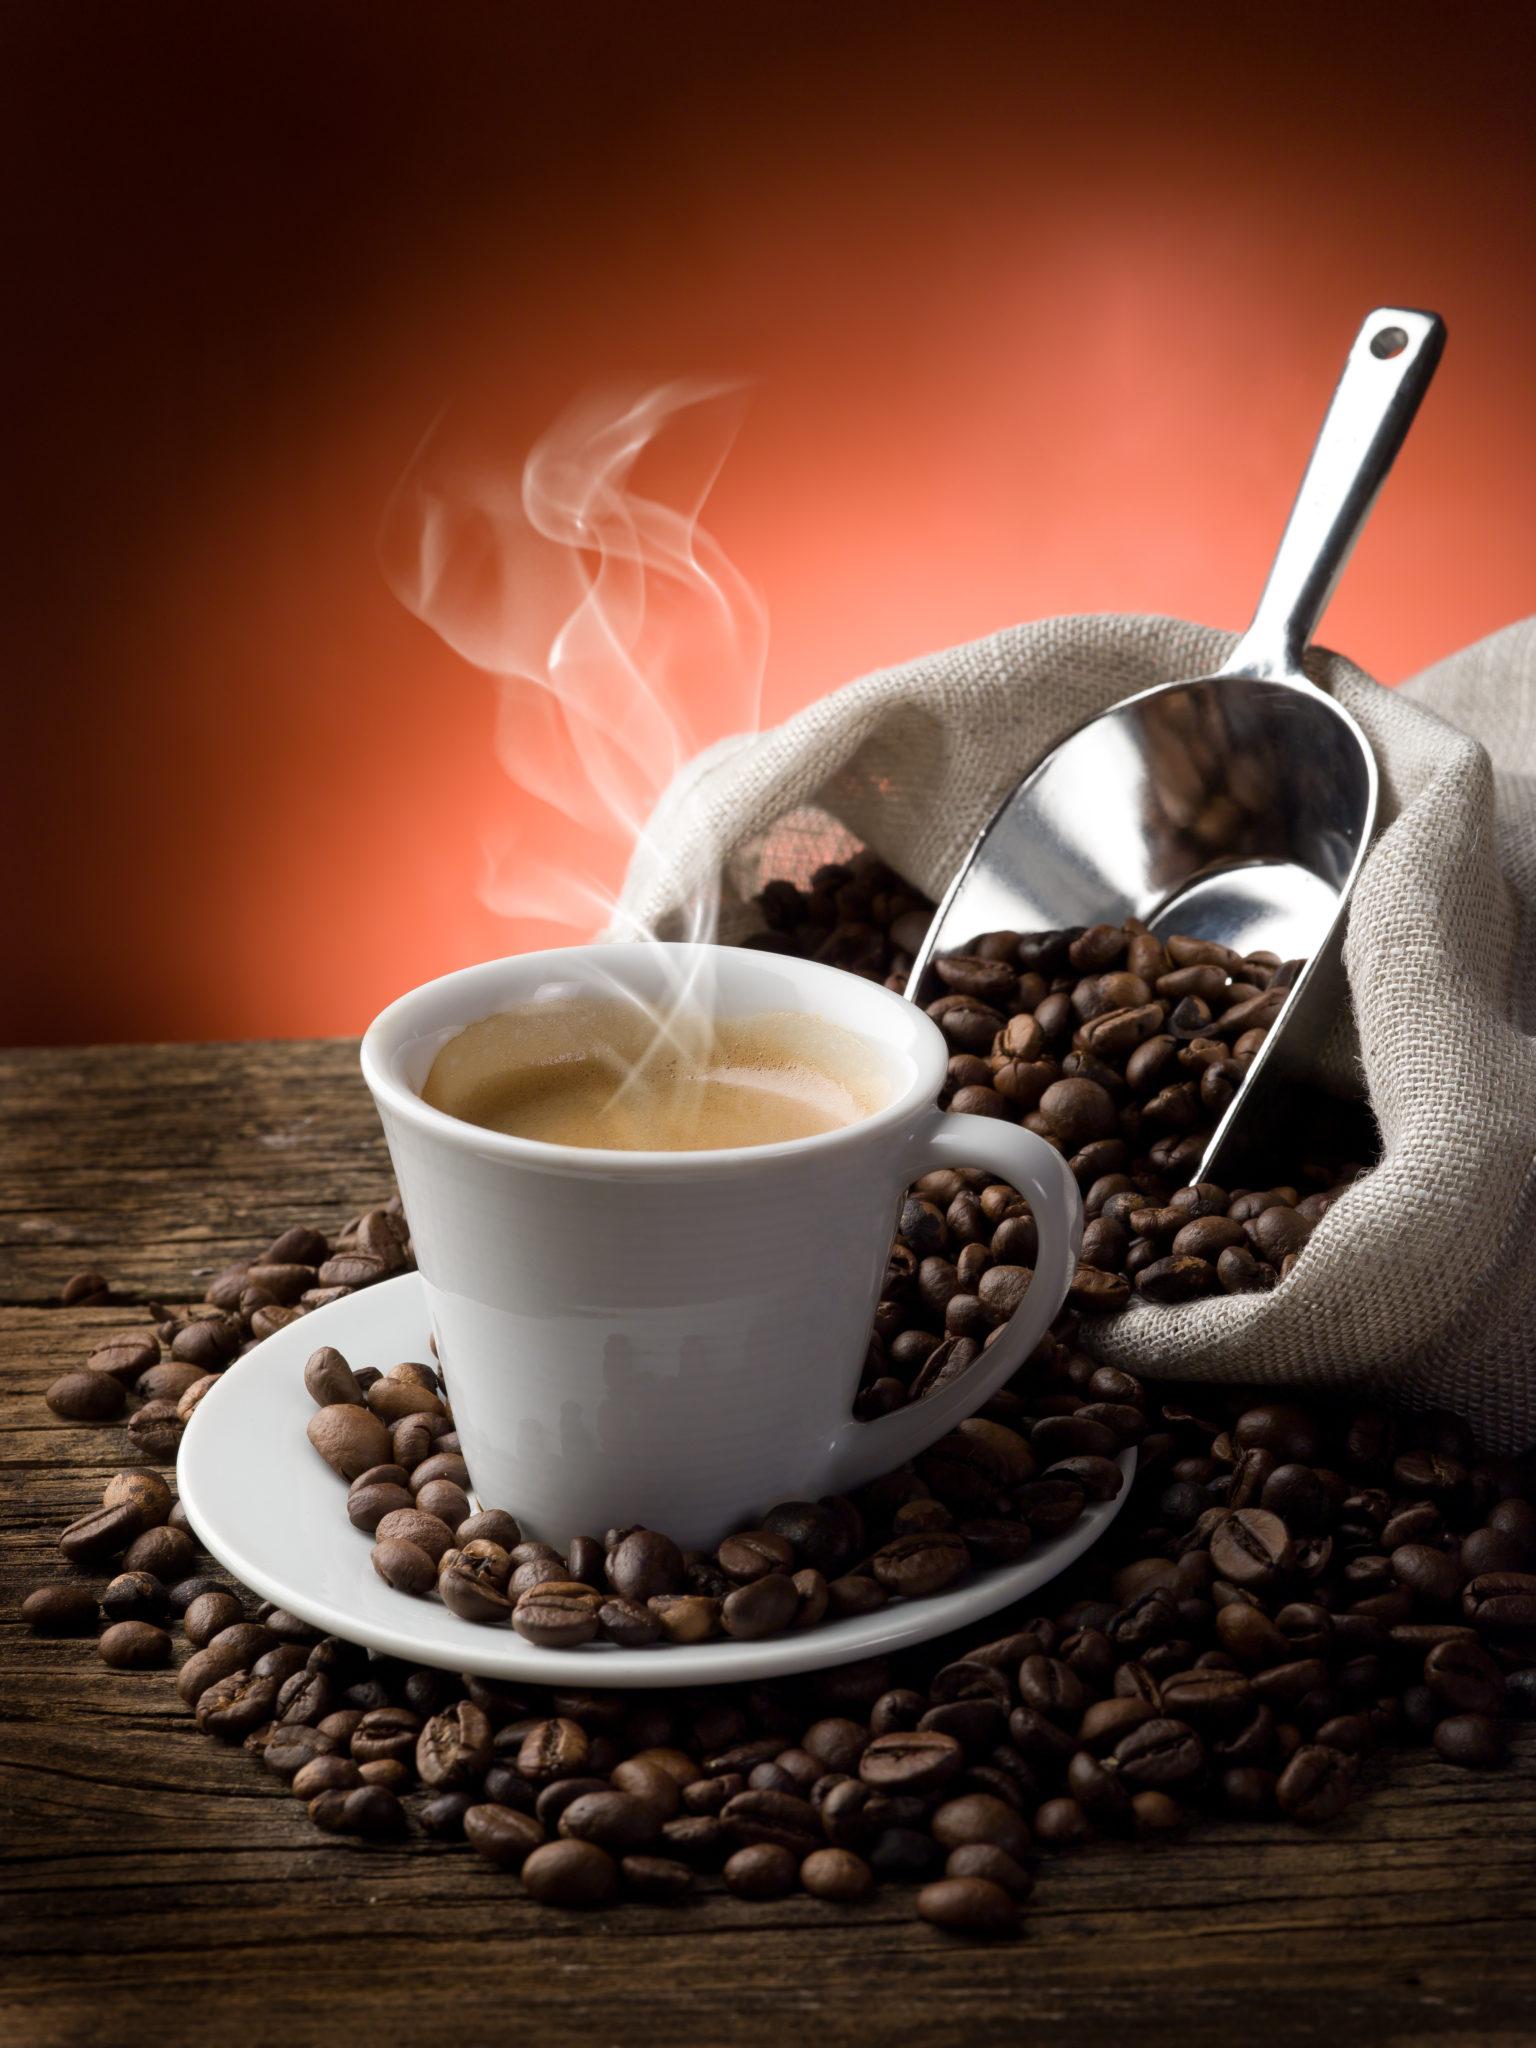 kopje koffie met bonen